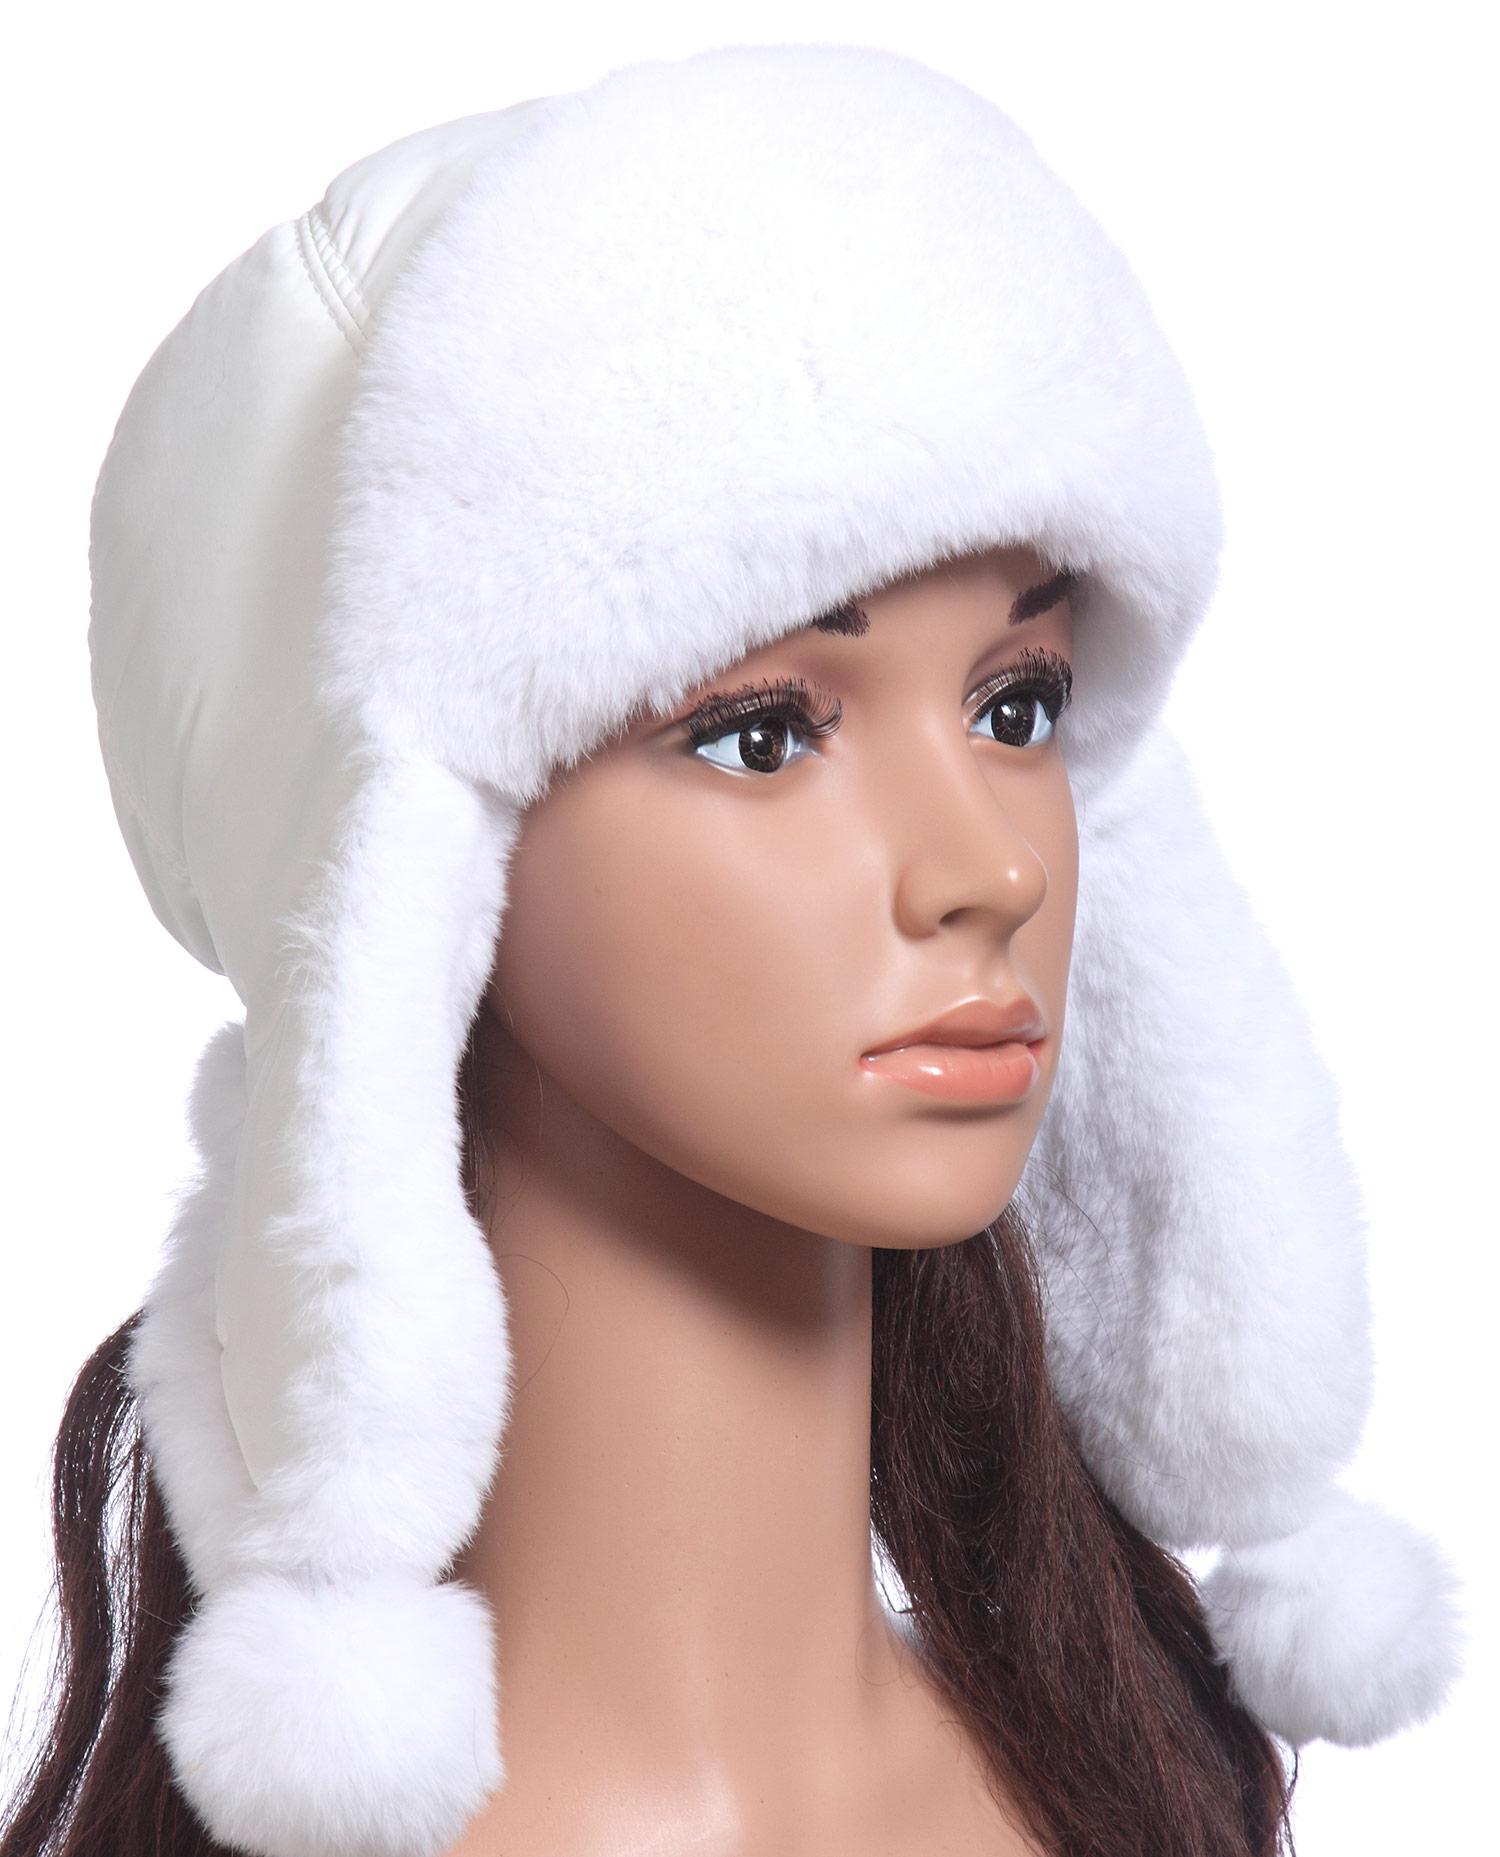 Шапка женская из текстиля, отделка кролик<br><br>Материал: Текстиль<br>Цвет: белый<br>Пол: Женский<br>Размер RU: 57-58